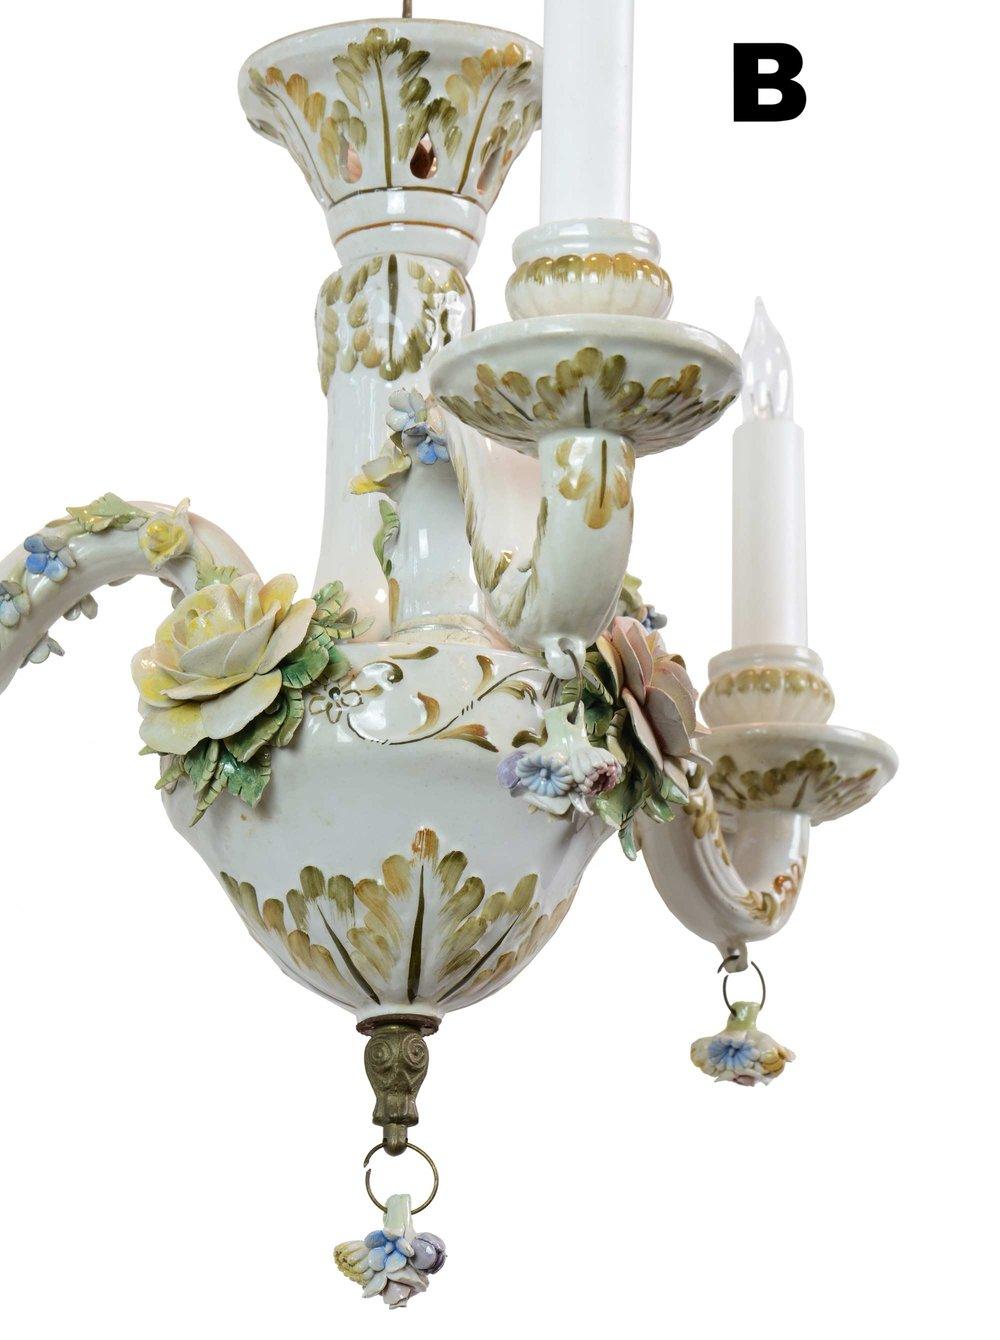 46674-B-capodimonte-porcelain-chandelier-detail.jpg